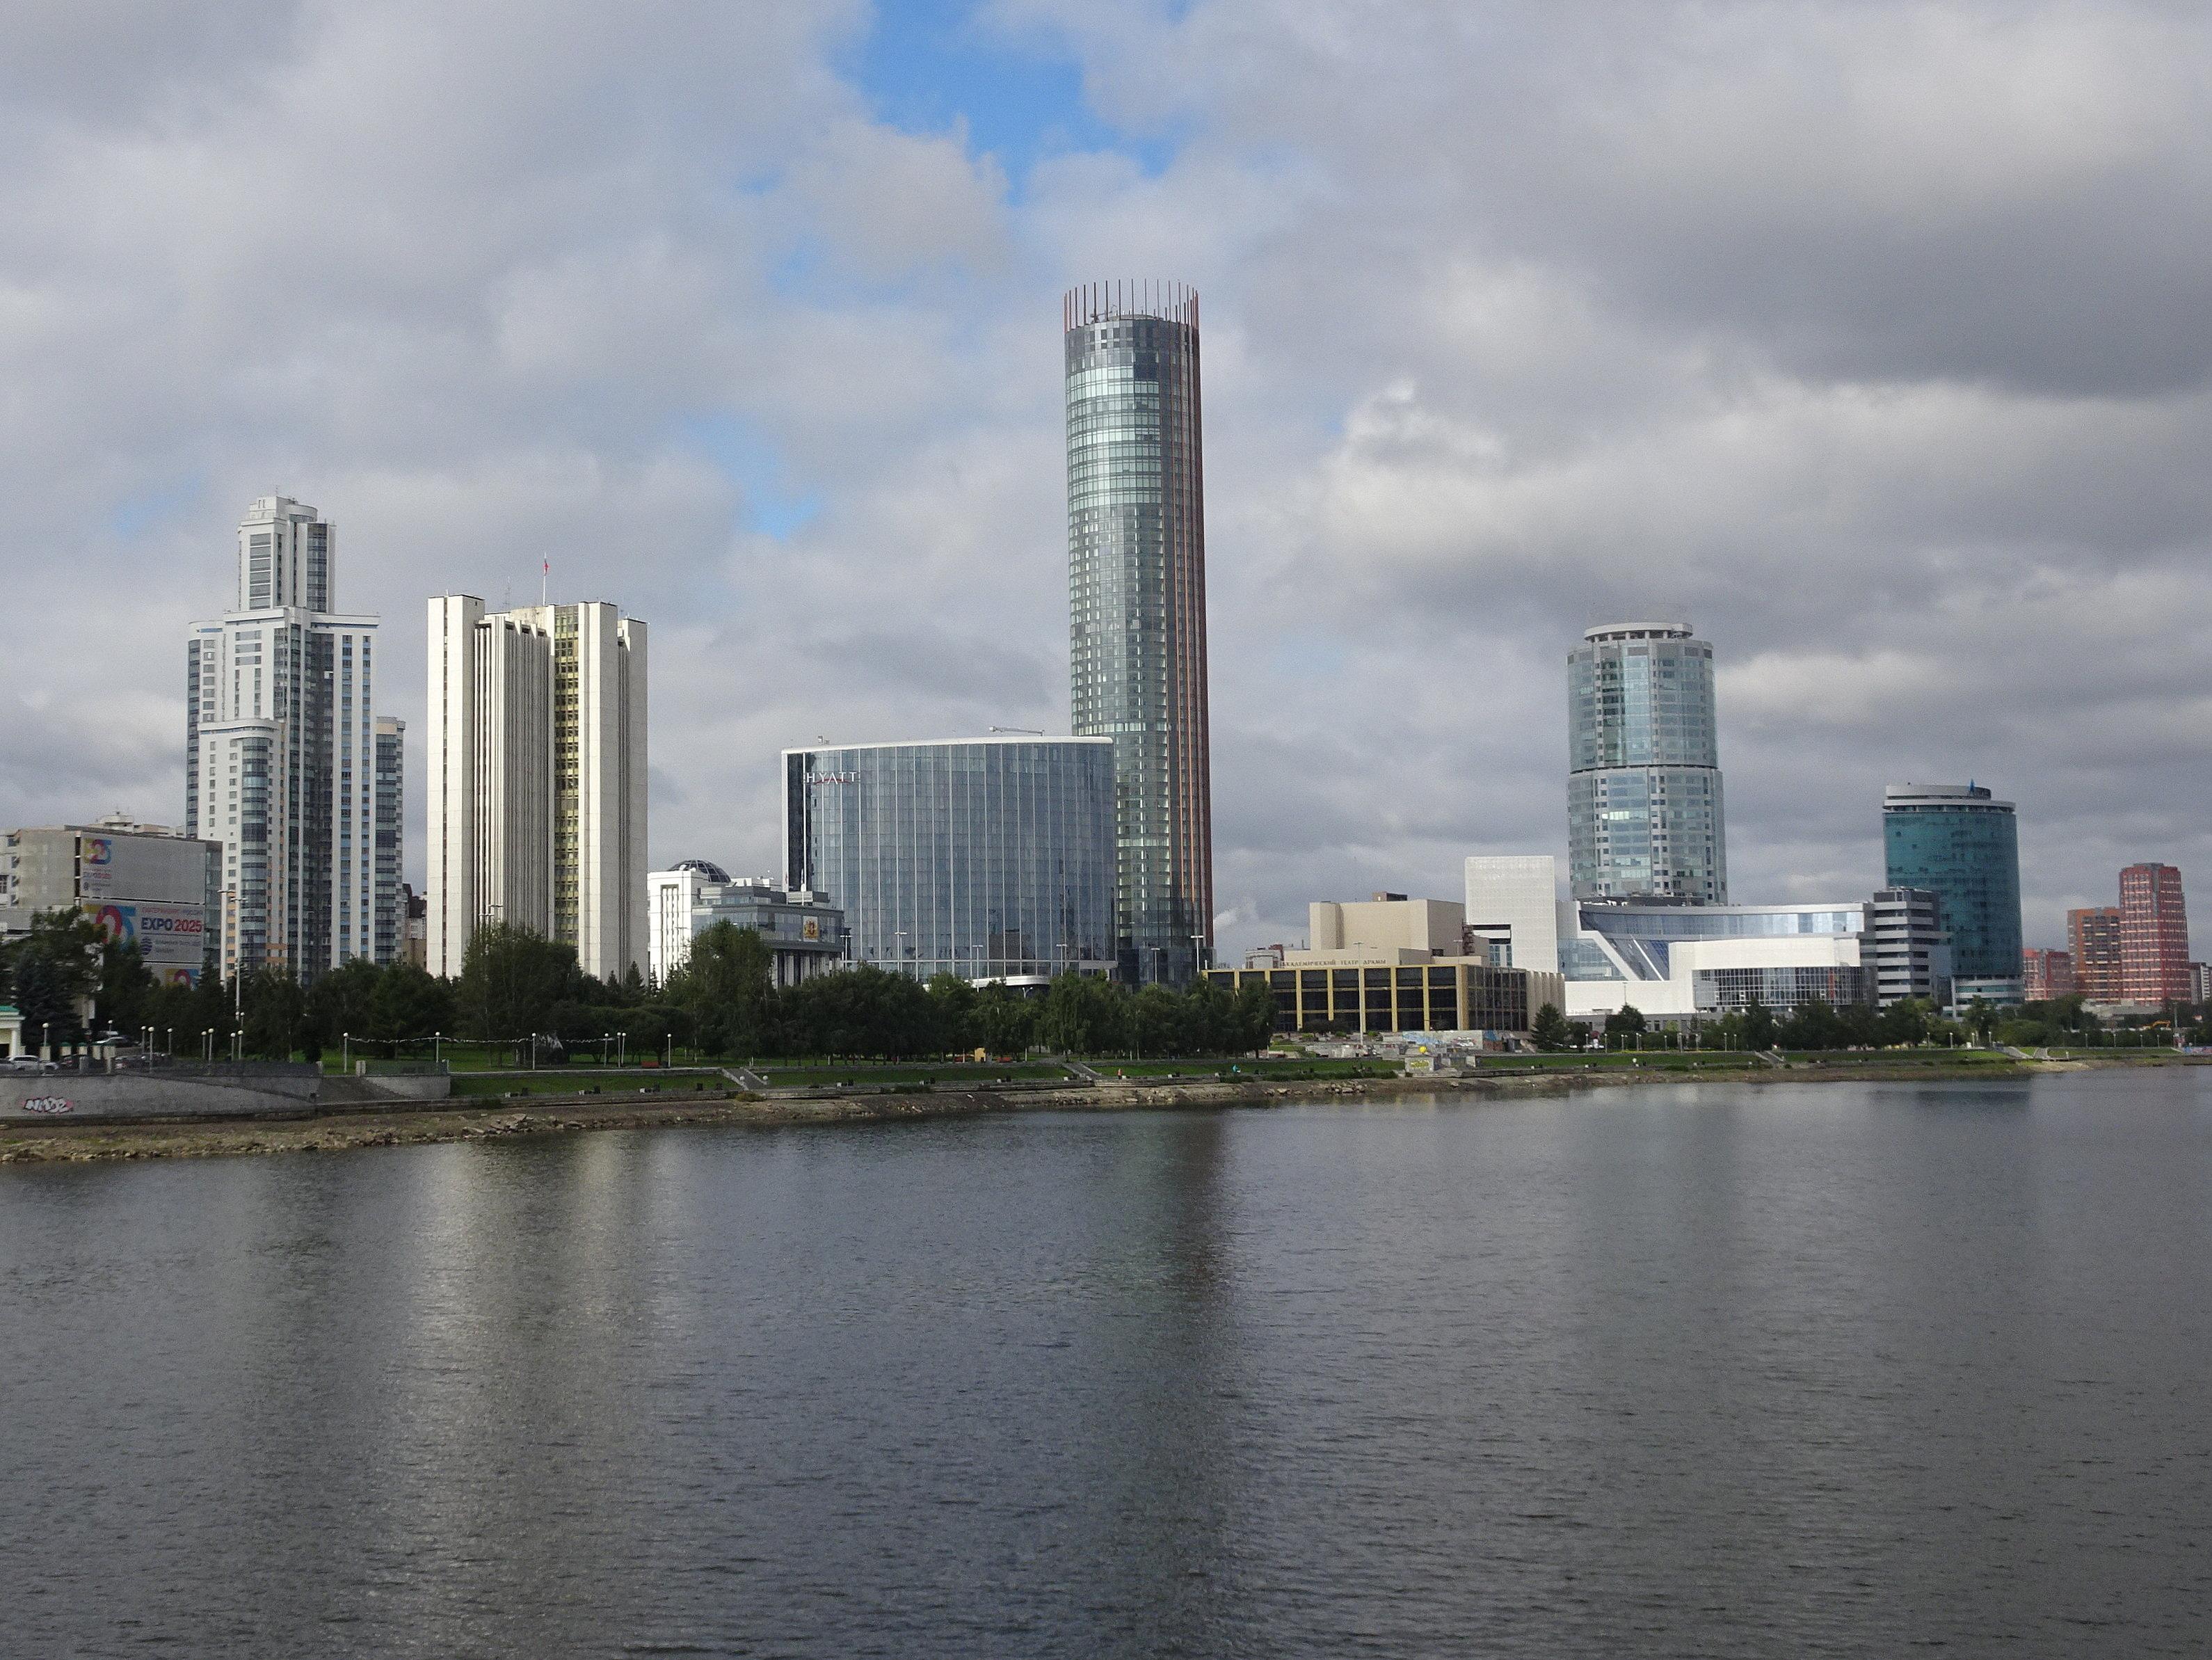 Екатеринбург от Плотинки до высотки